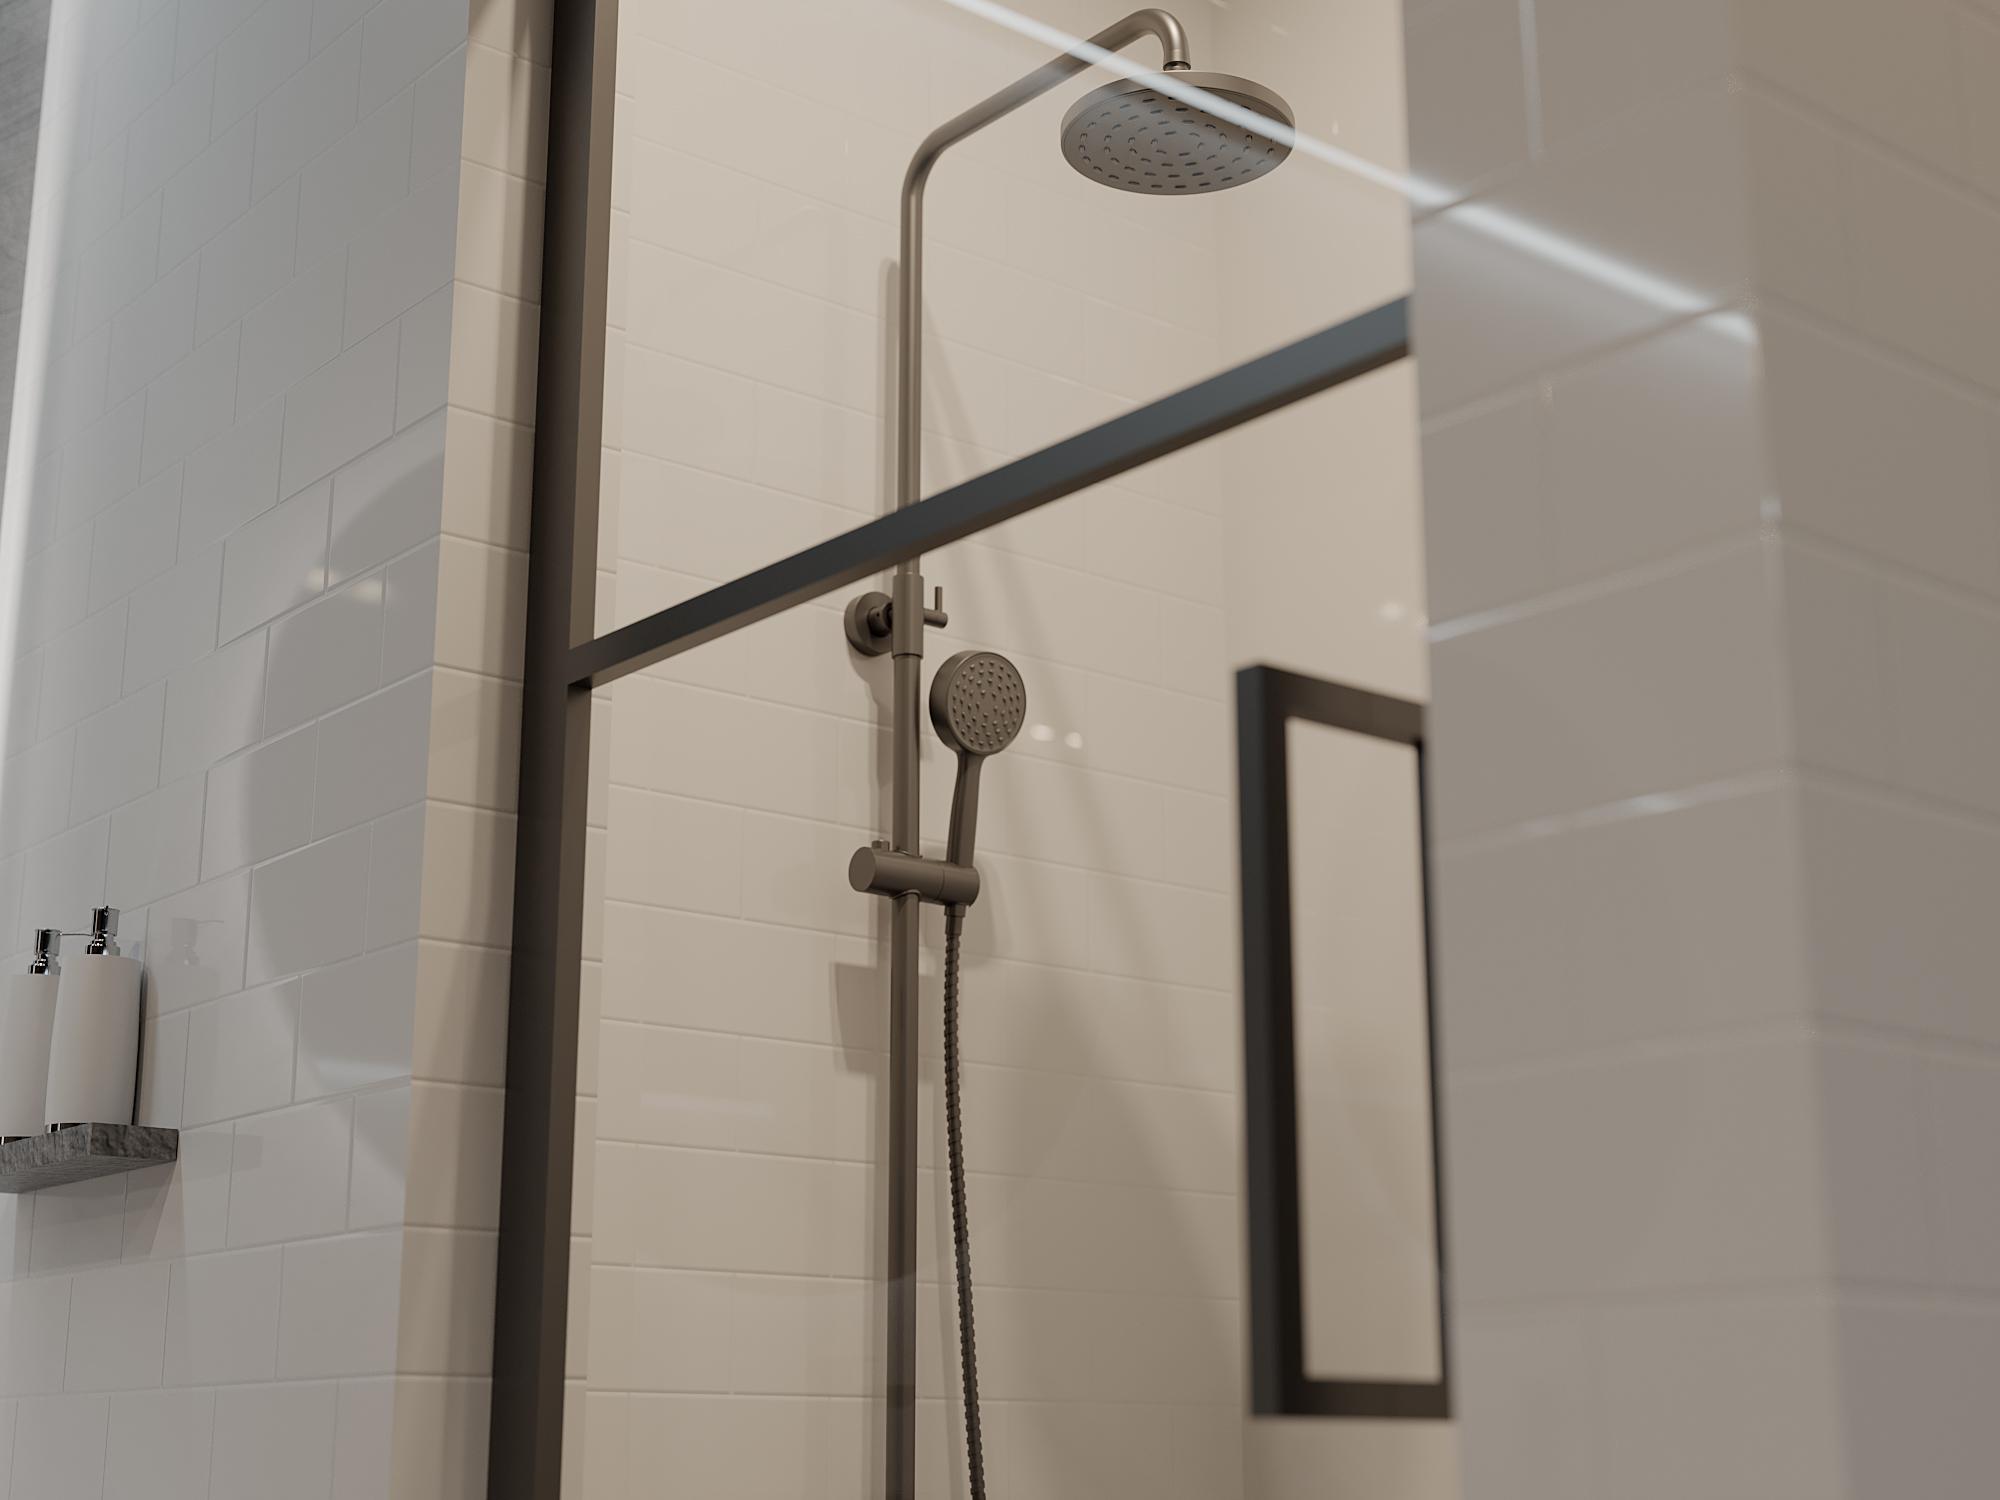 GS2  - Seethrough Shower MO_Camera_1_a.jpg